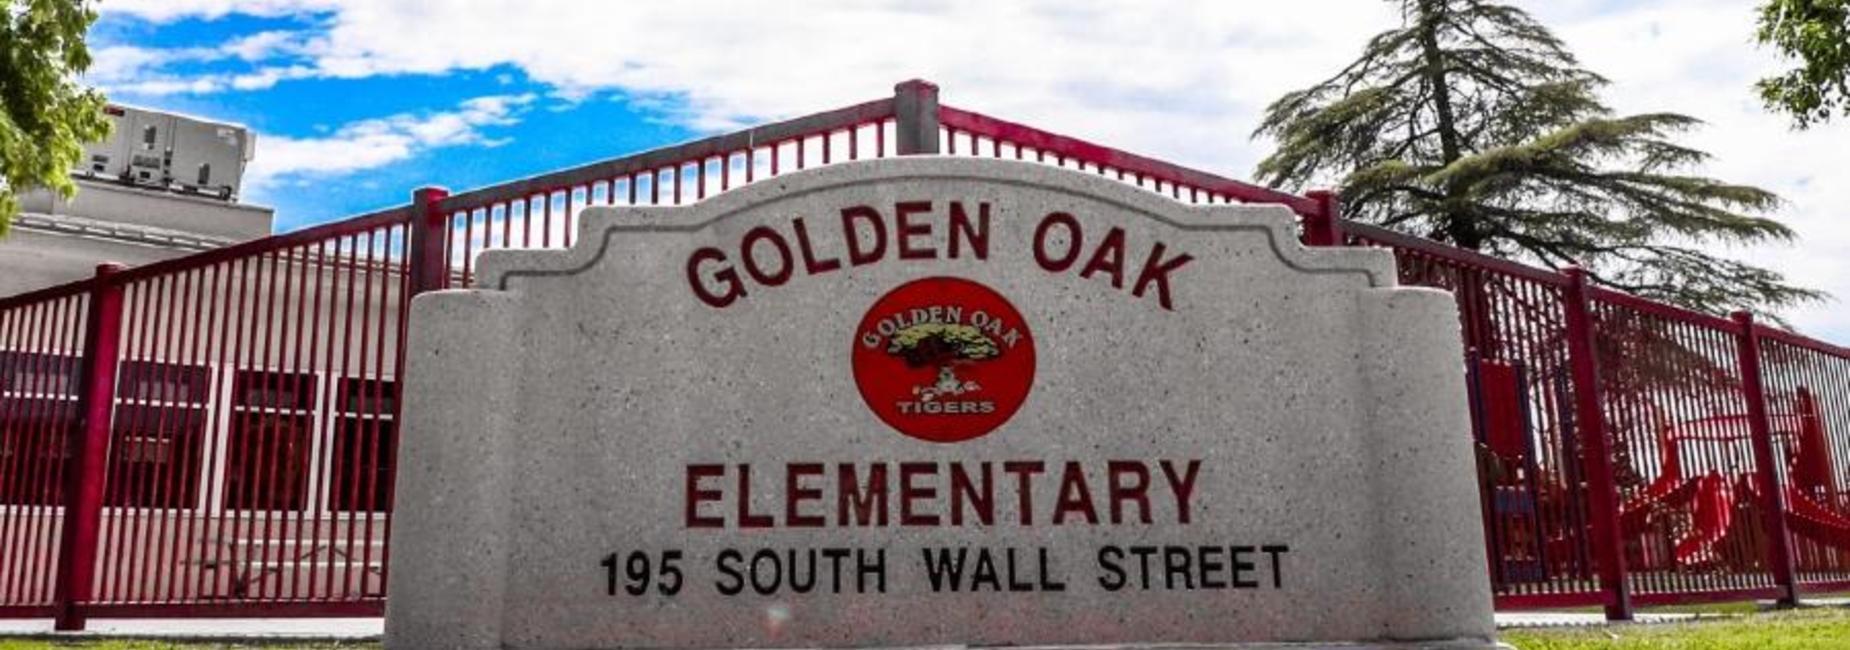 Golden Oak Elementary